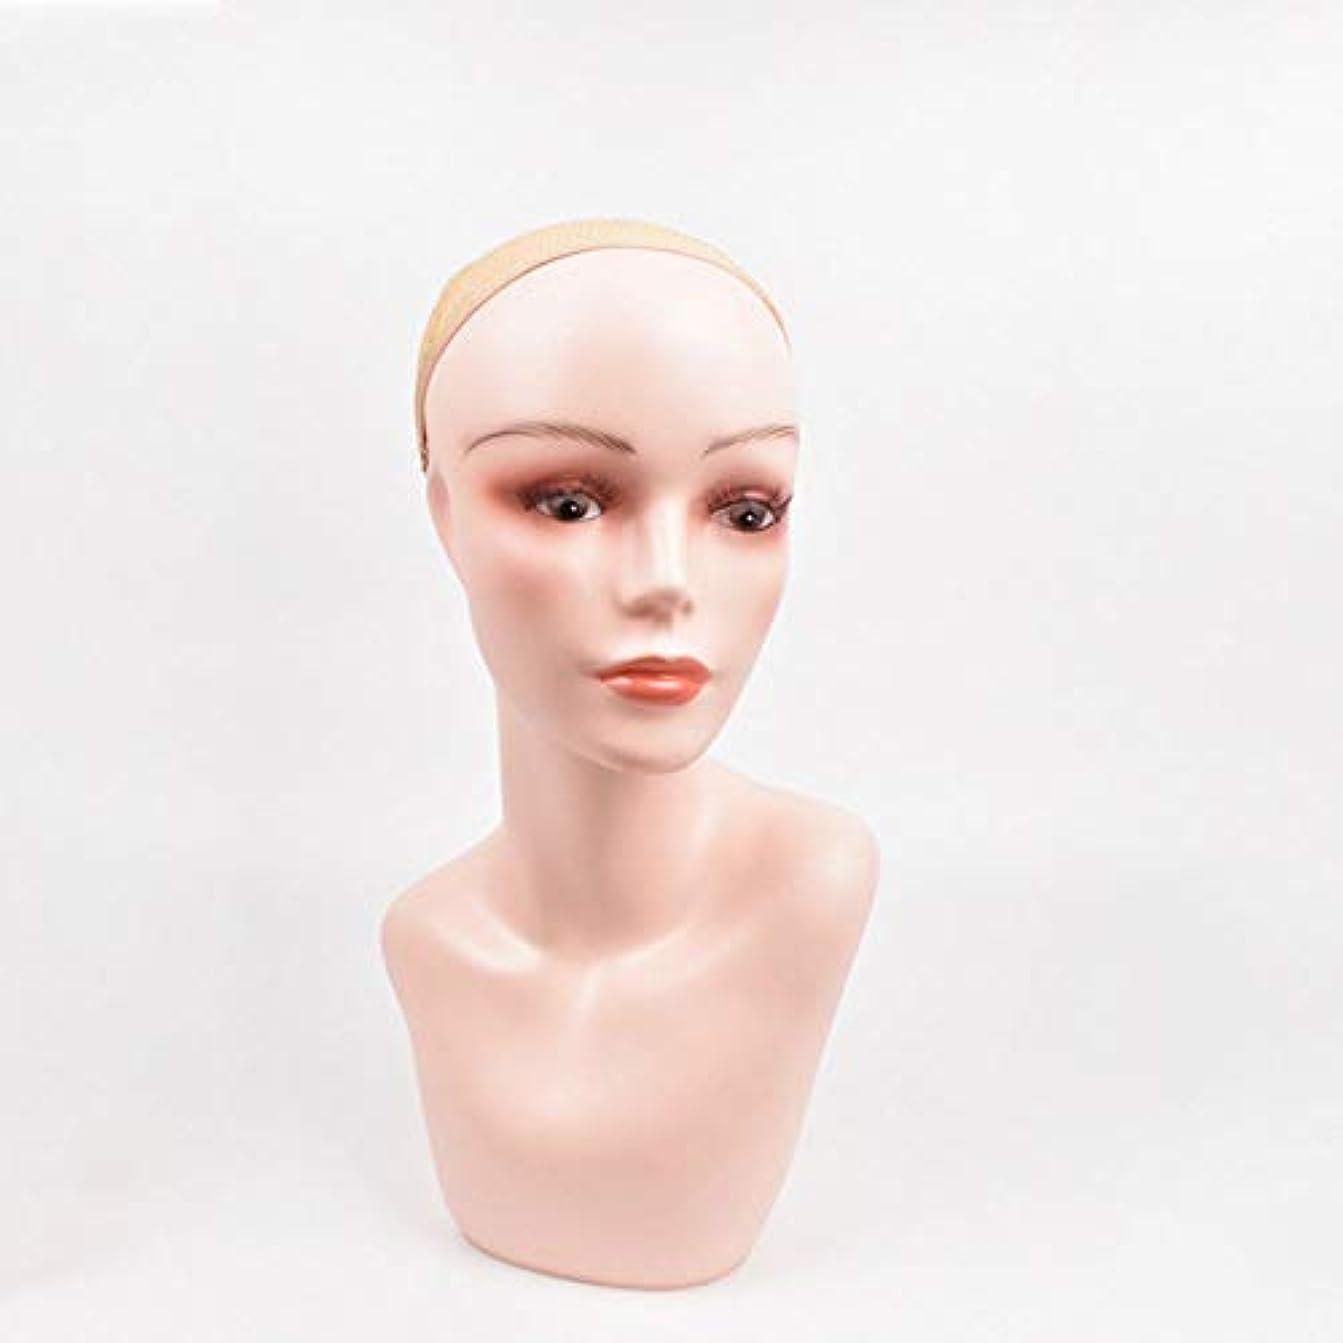 ウィッグモデルヘッドスモールショルダーディスプレイウィッグ、ヘッドモデルヘッドプロップブラケット付き